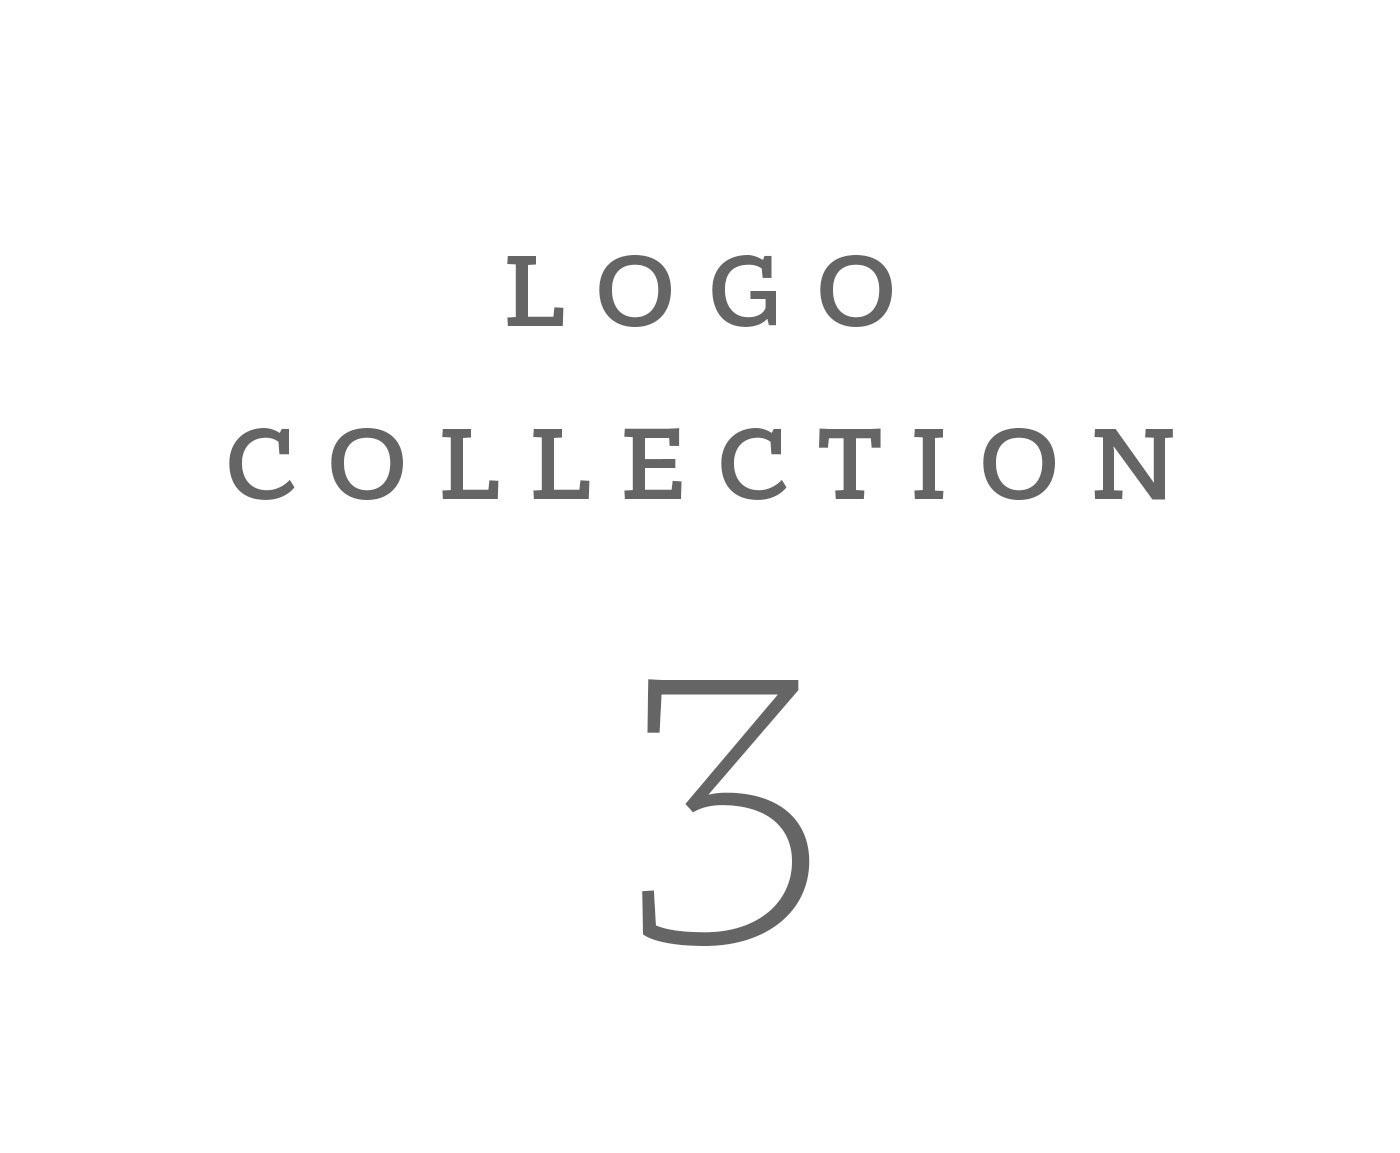 logos 2010 | 2012